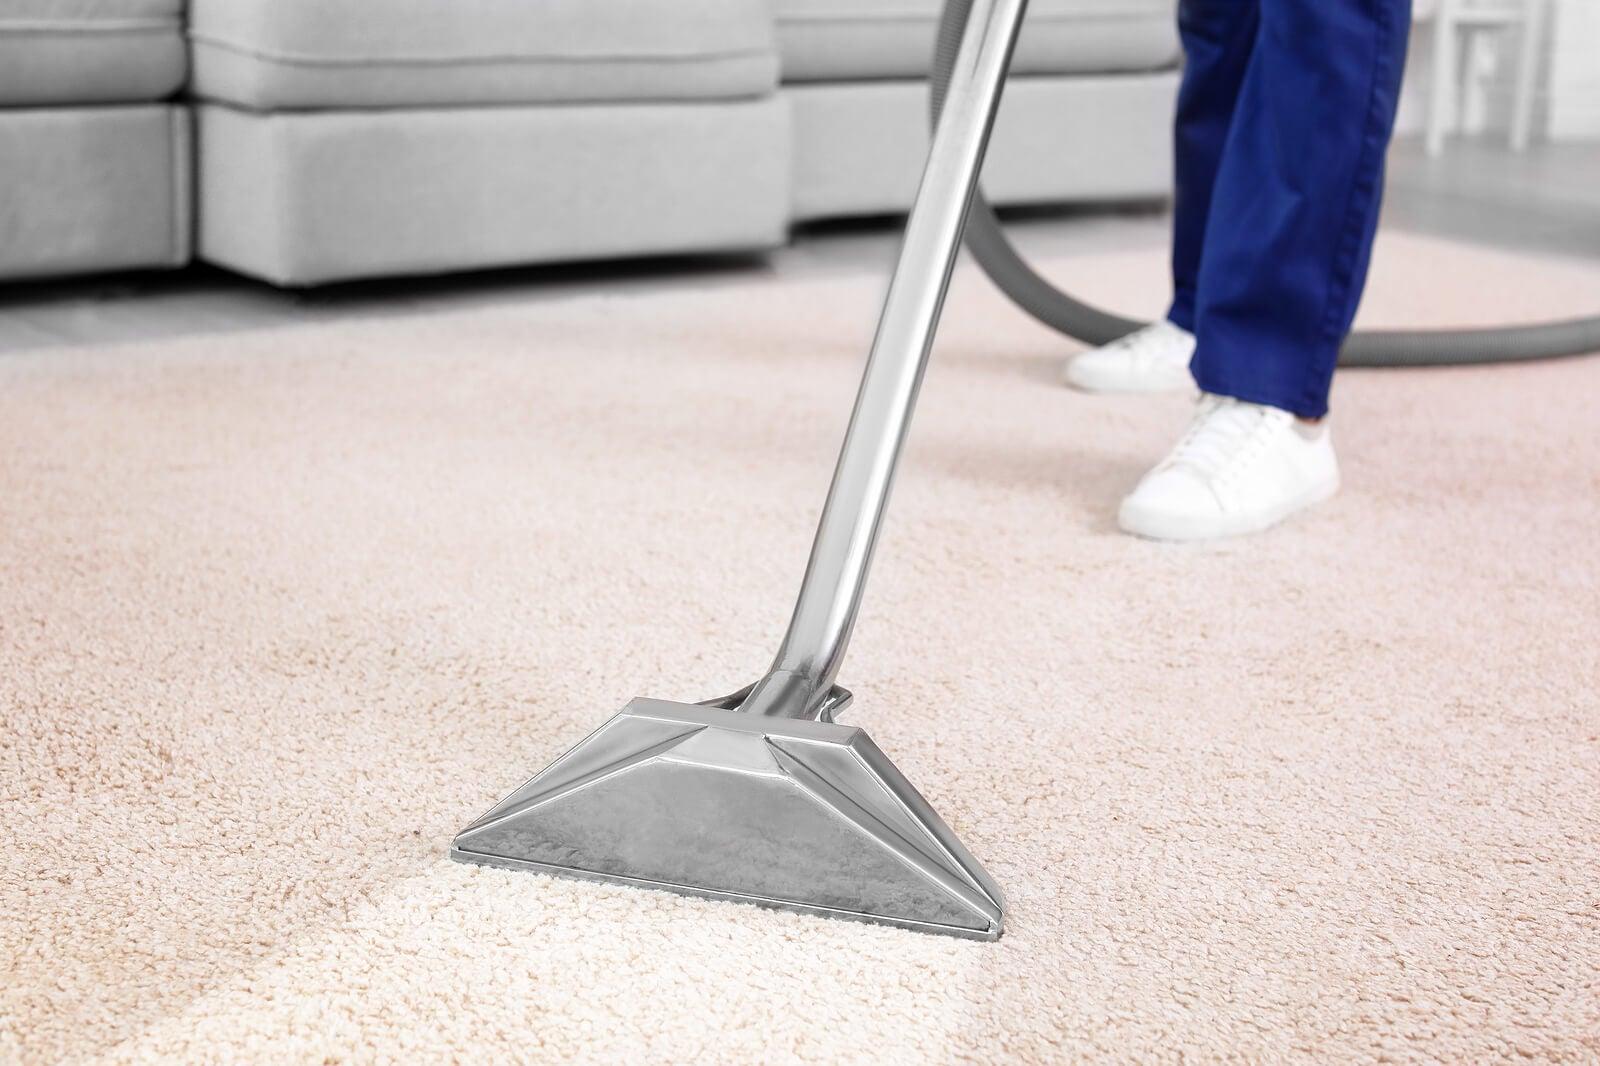 Tener una aspiradora que tenga función de limpiar con vapor puede ser muy útil en la limpieza del hogar.